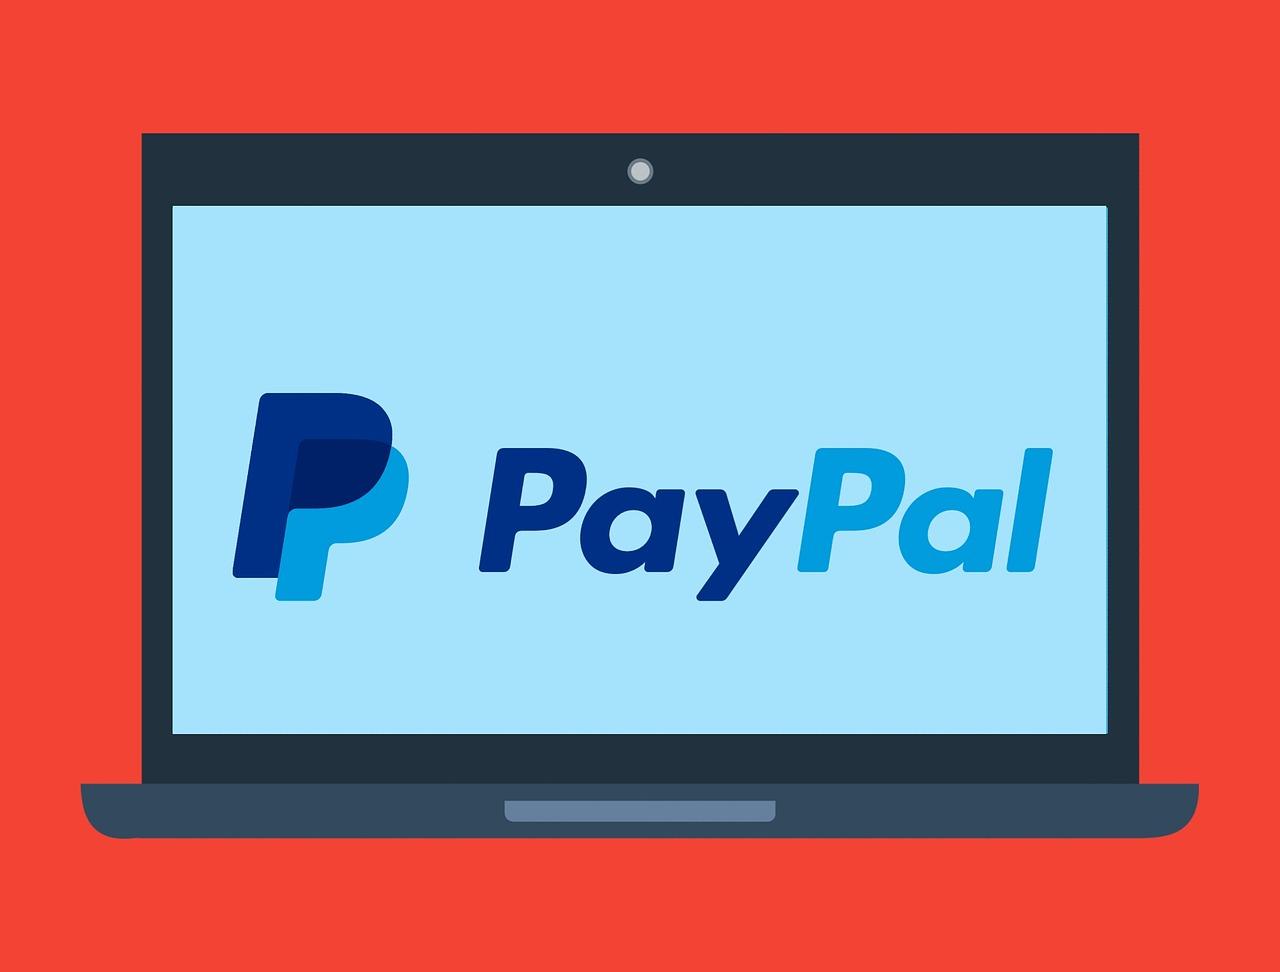 PayPal Tài Trợ Cho Nghiên Cứu Về Mua Bán Vũ Khí Bất Hợp Pháp